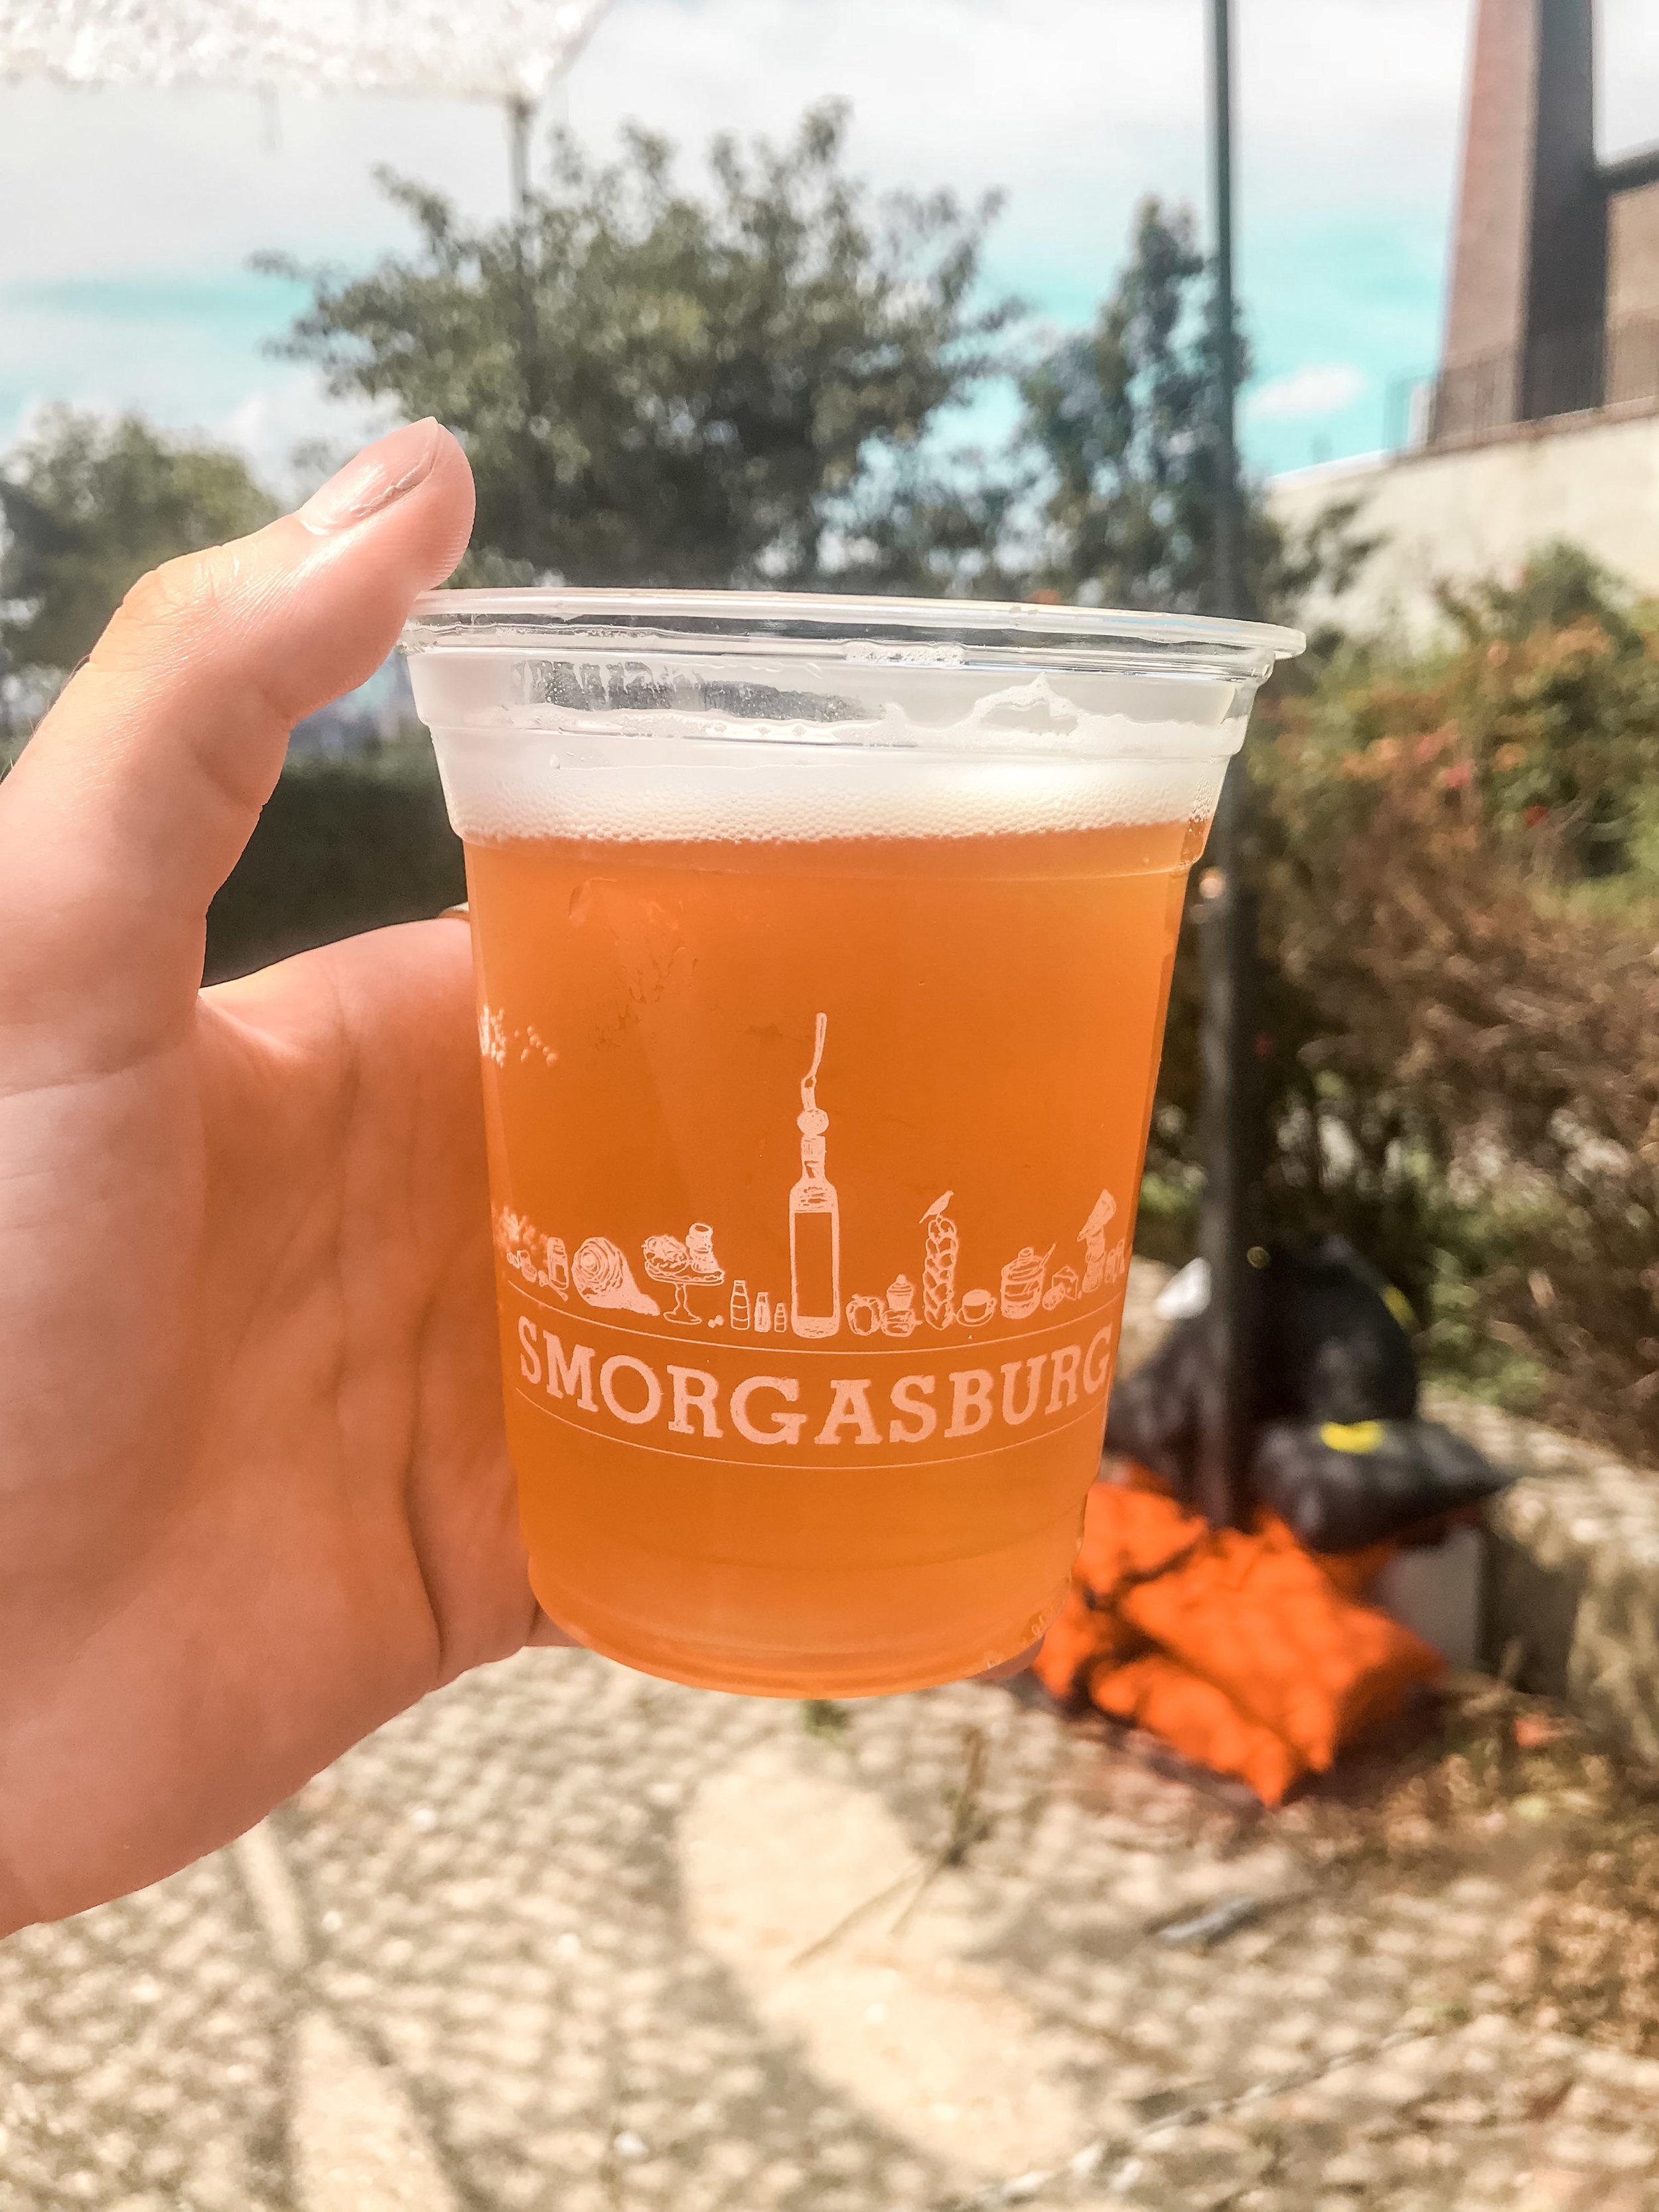 Smorgasburg Brooklyn, Beer, Summers in New York City.jpg